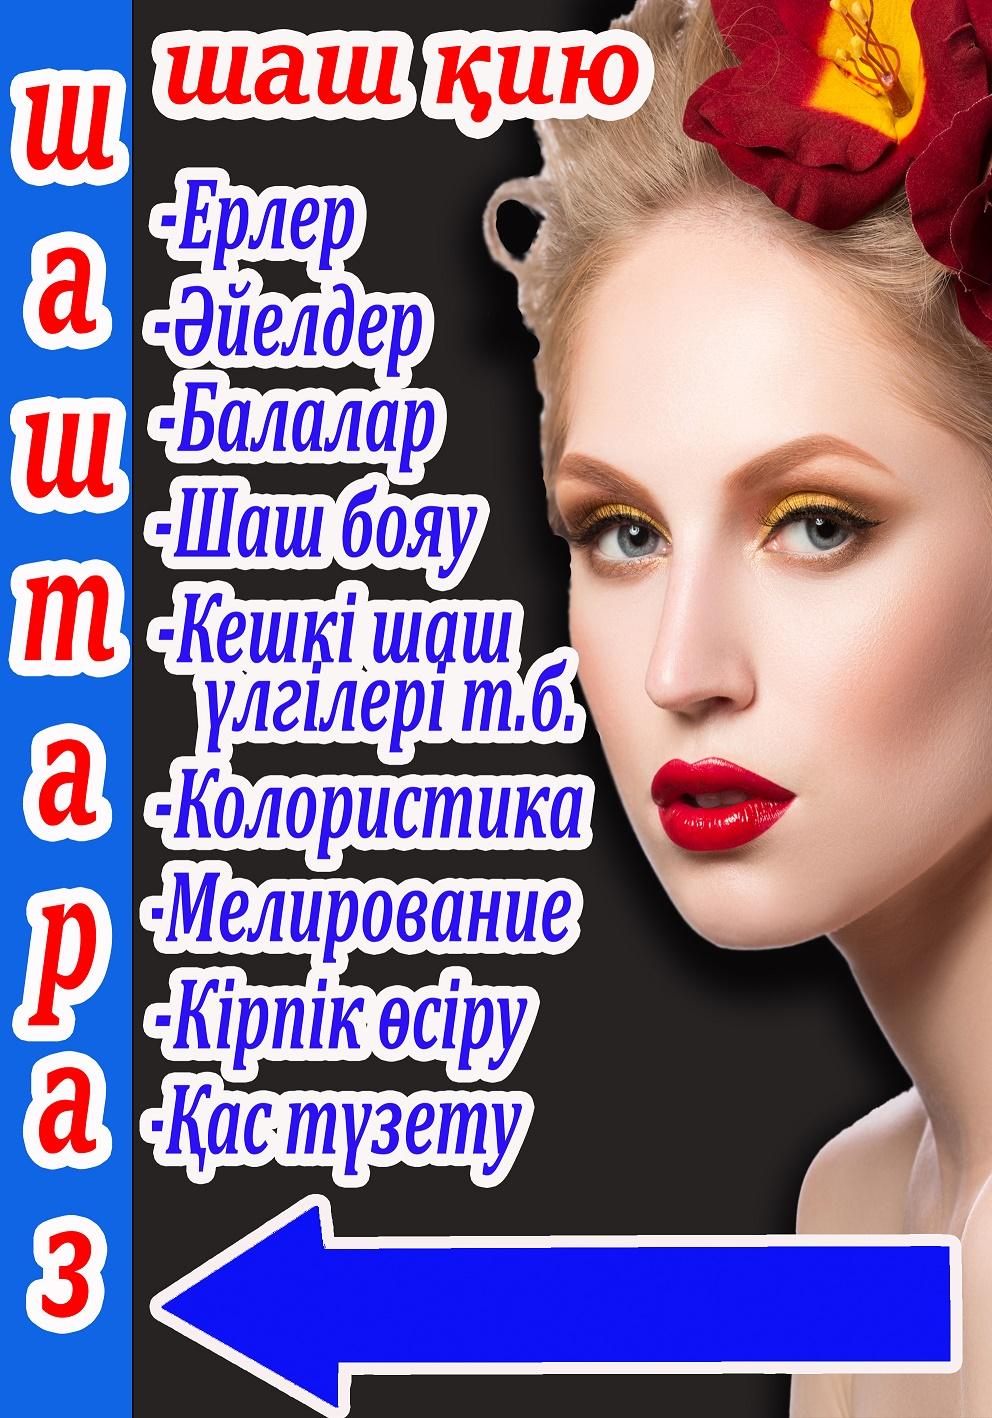 Фото штендер на казахском языке для парикмахерской